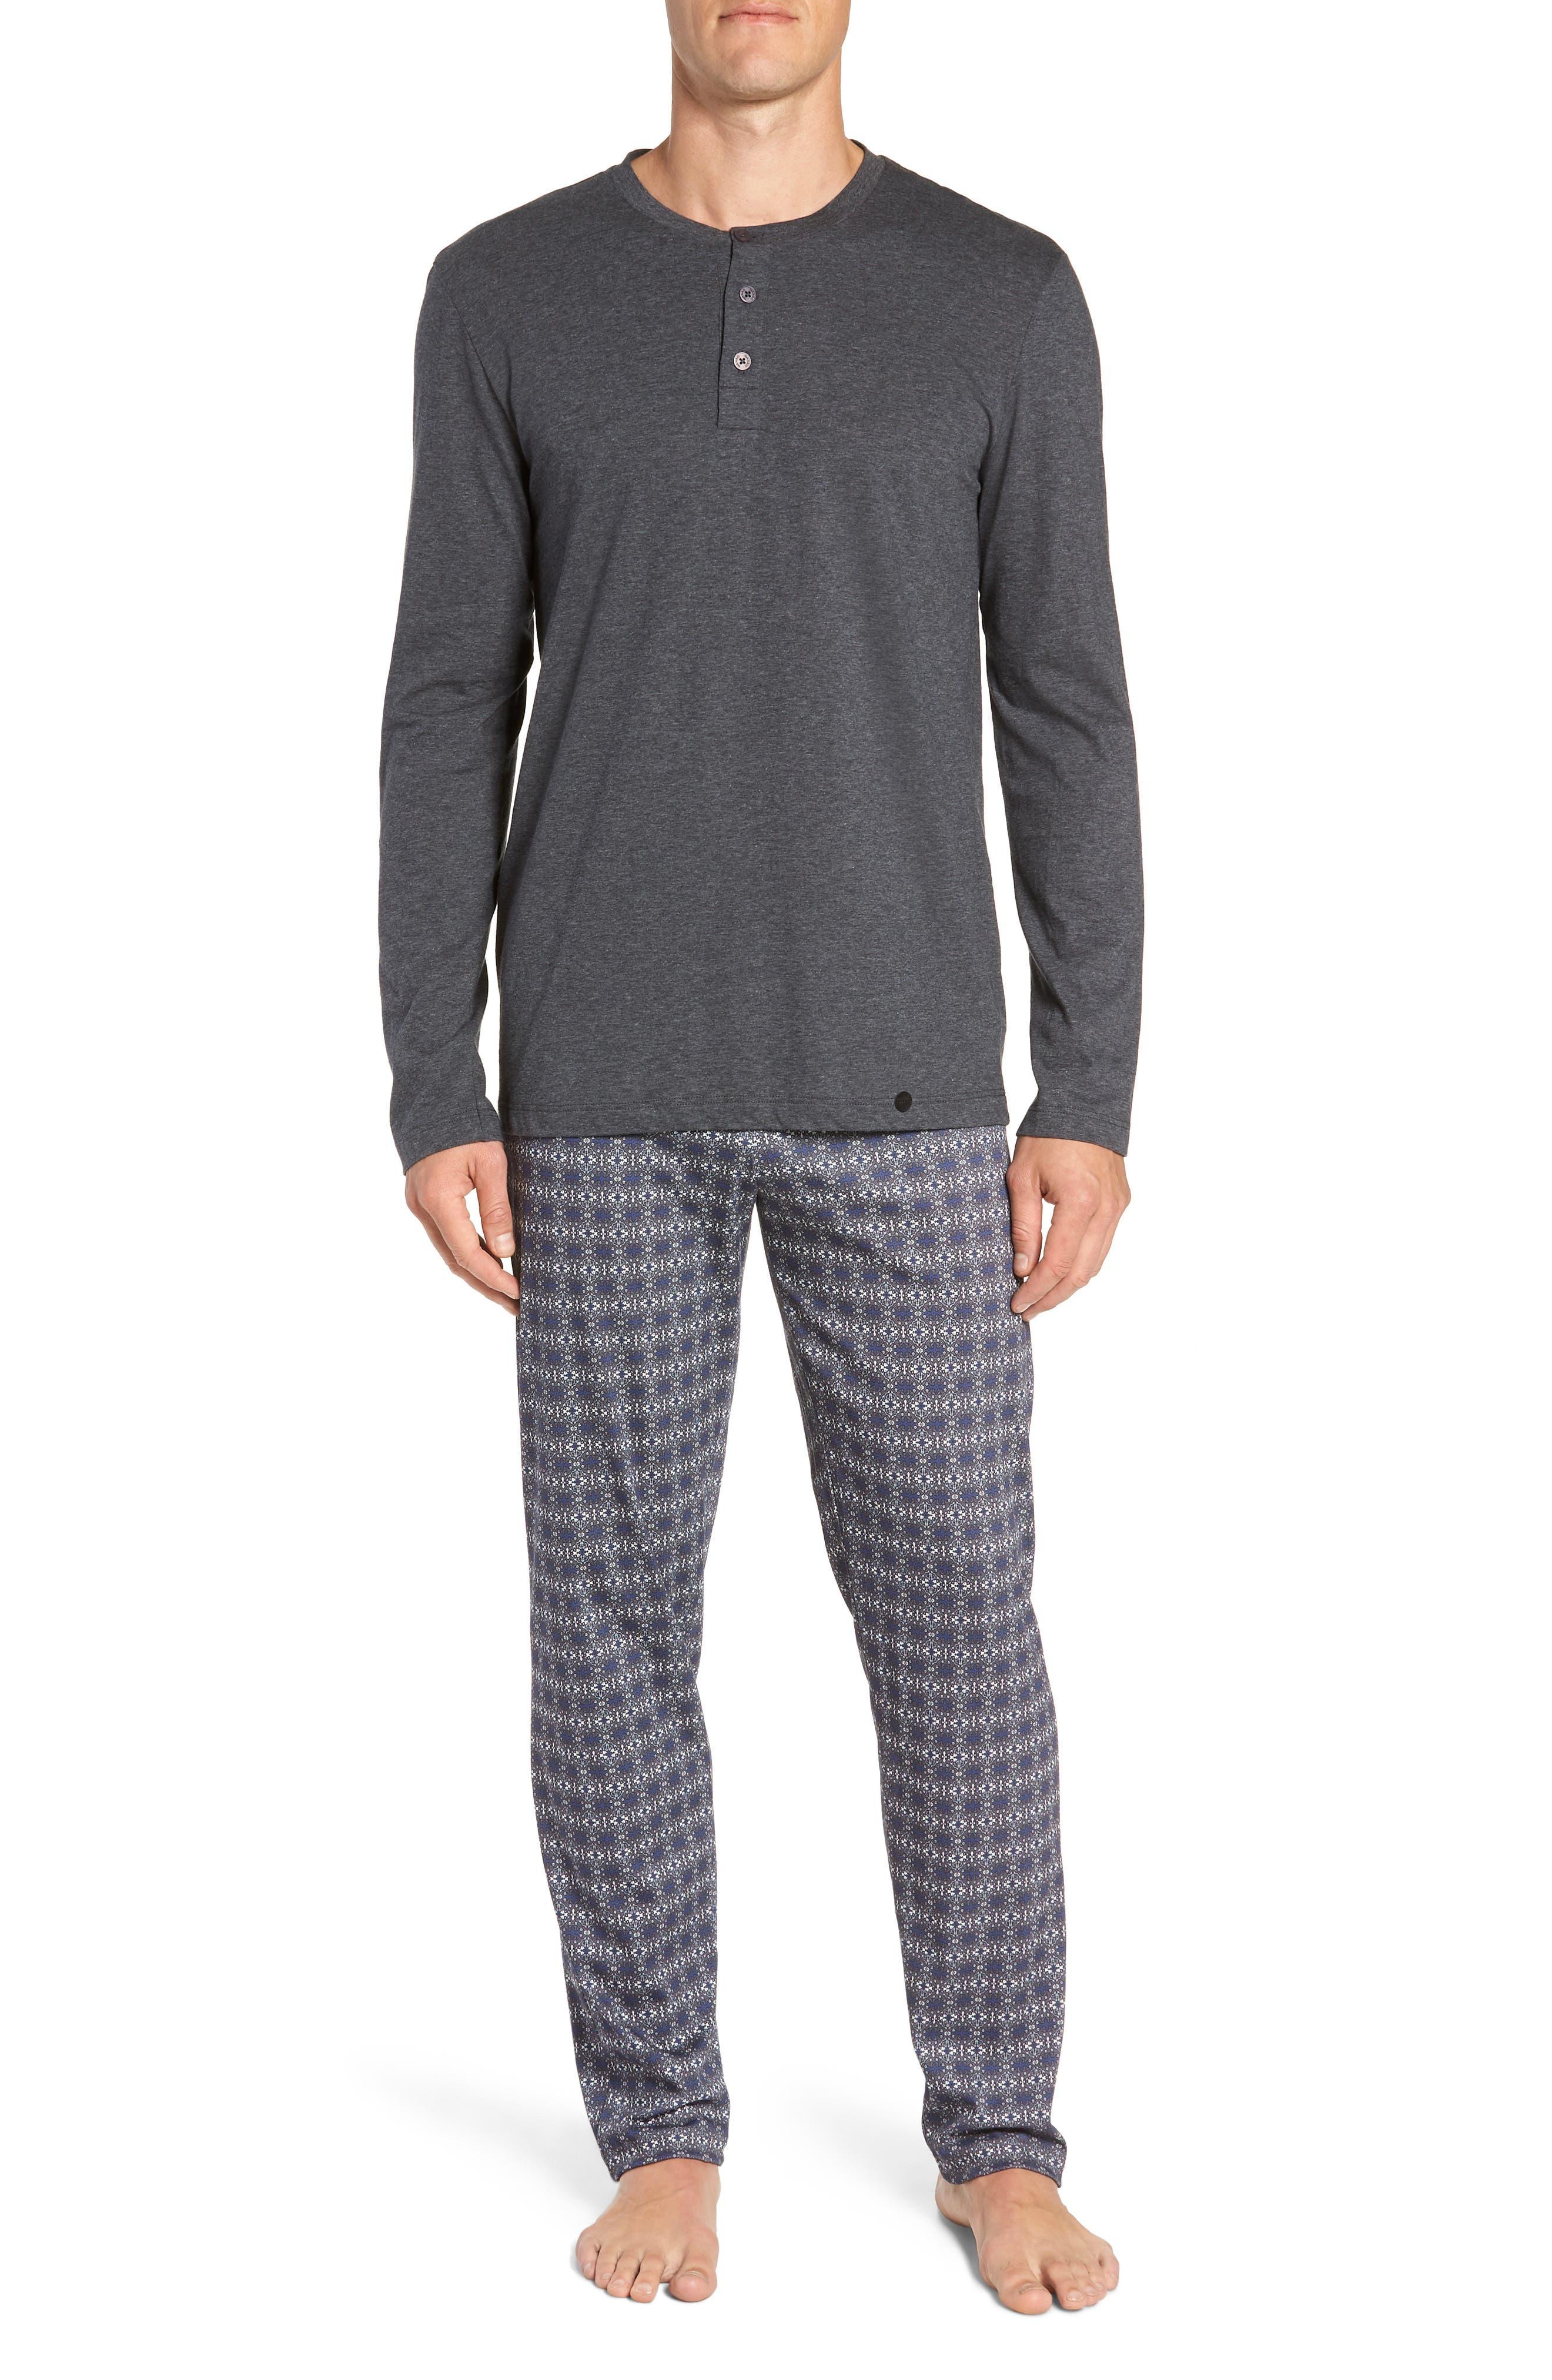 Hanro Night & Day Cotton Pajama Set, Grey